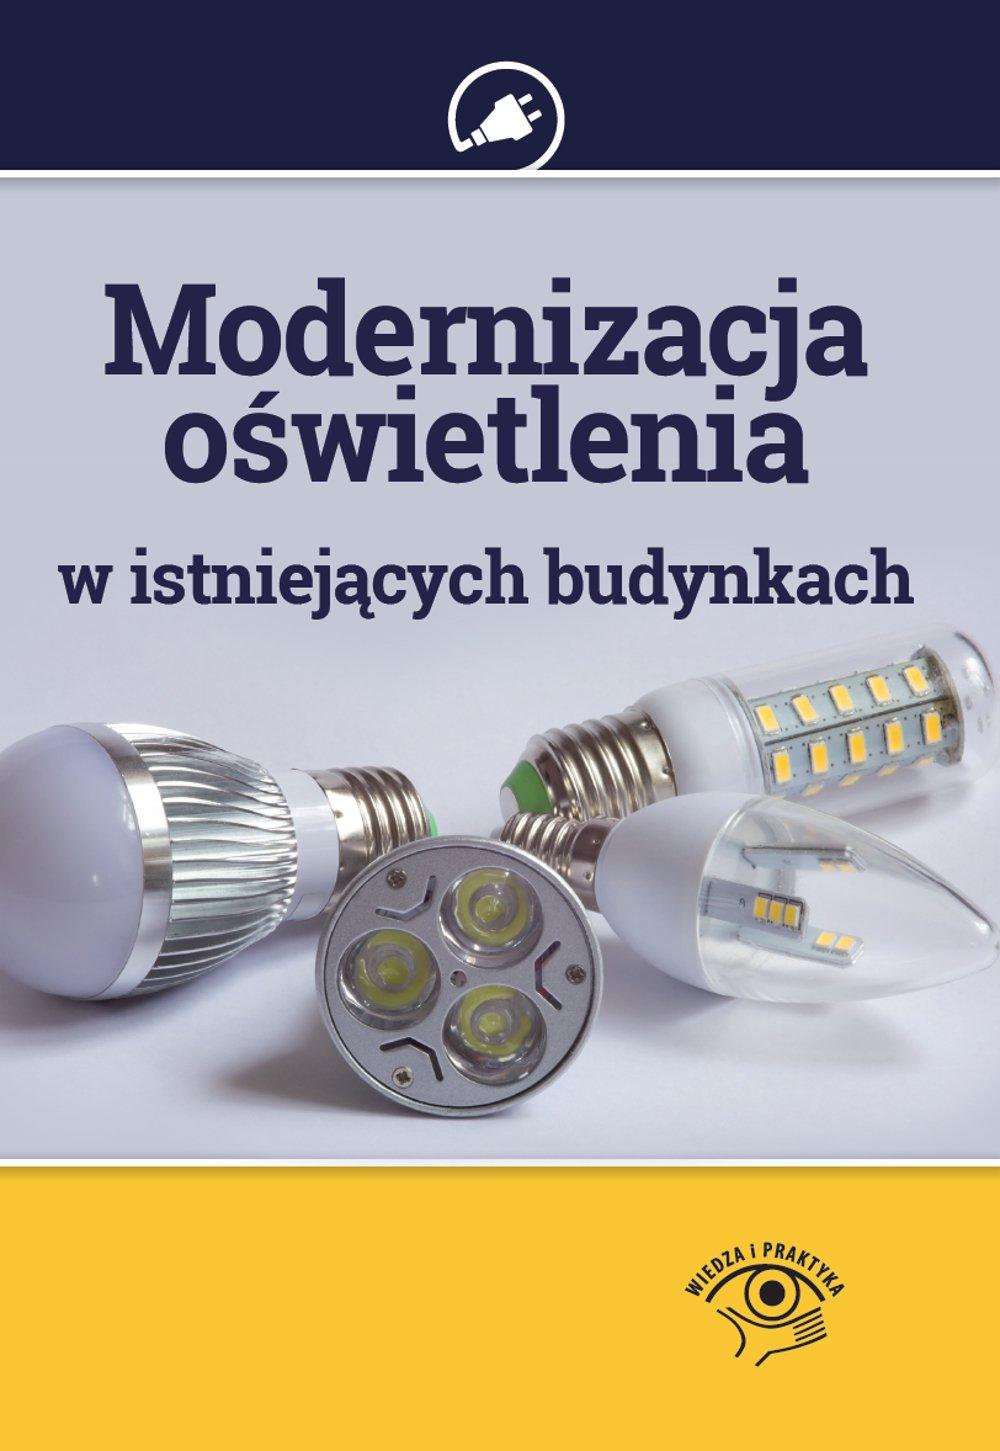 Modernizacja oświetlenia w istniejących budynkach - Ebook (Książka na Kindle) do pobrania w formacie MOBI